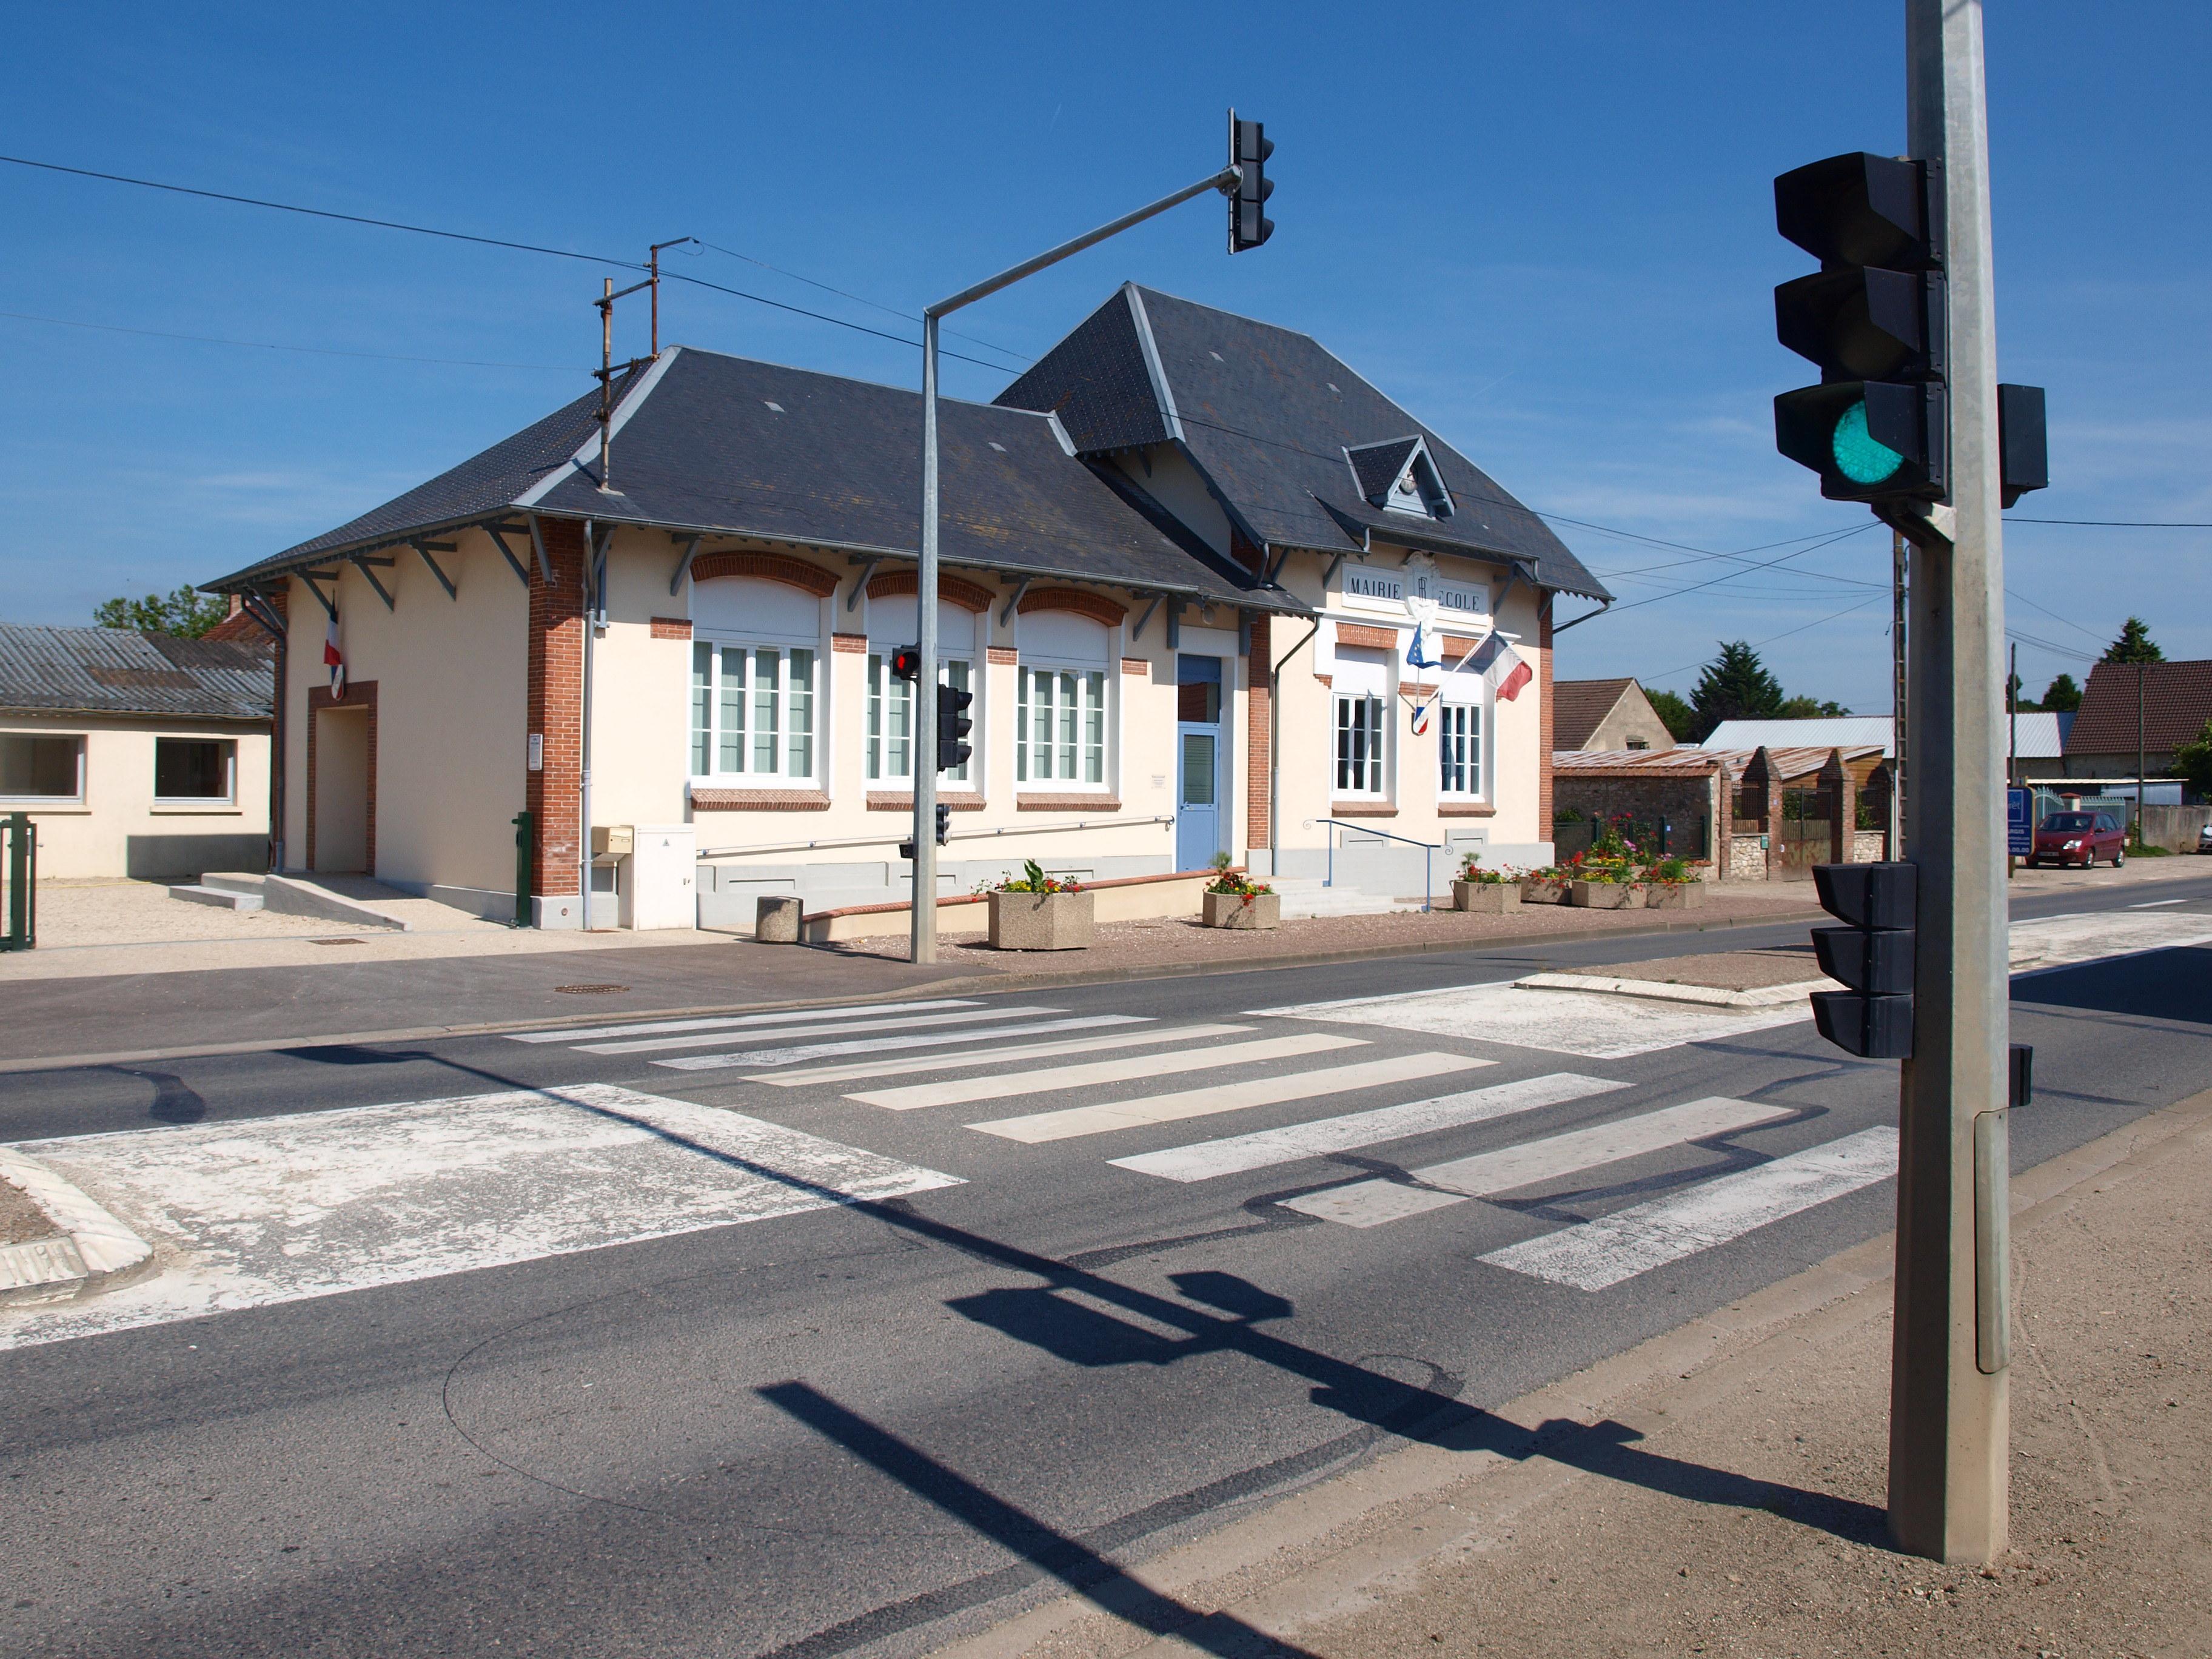 File Solterre-FR-45- La Commodité-mairie-02.jpg - Wikimedia Commons cde2f1e548bc